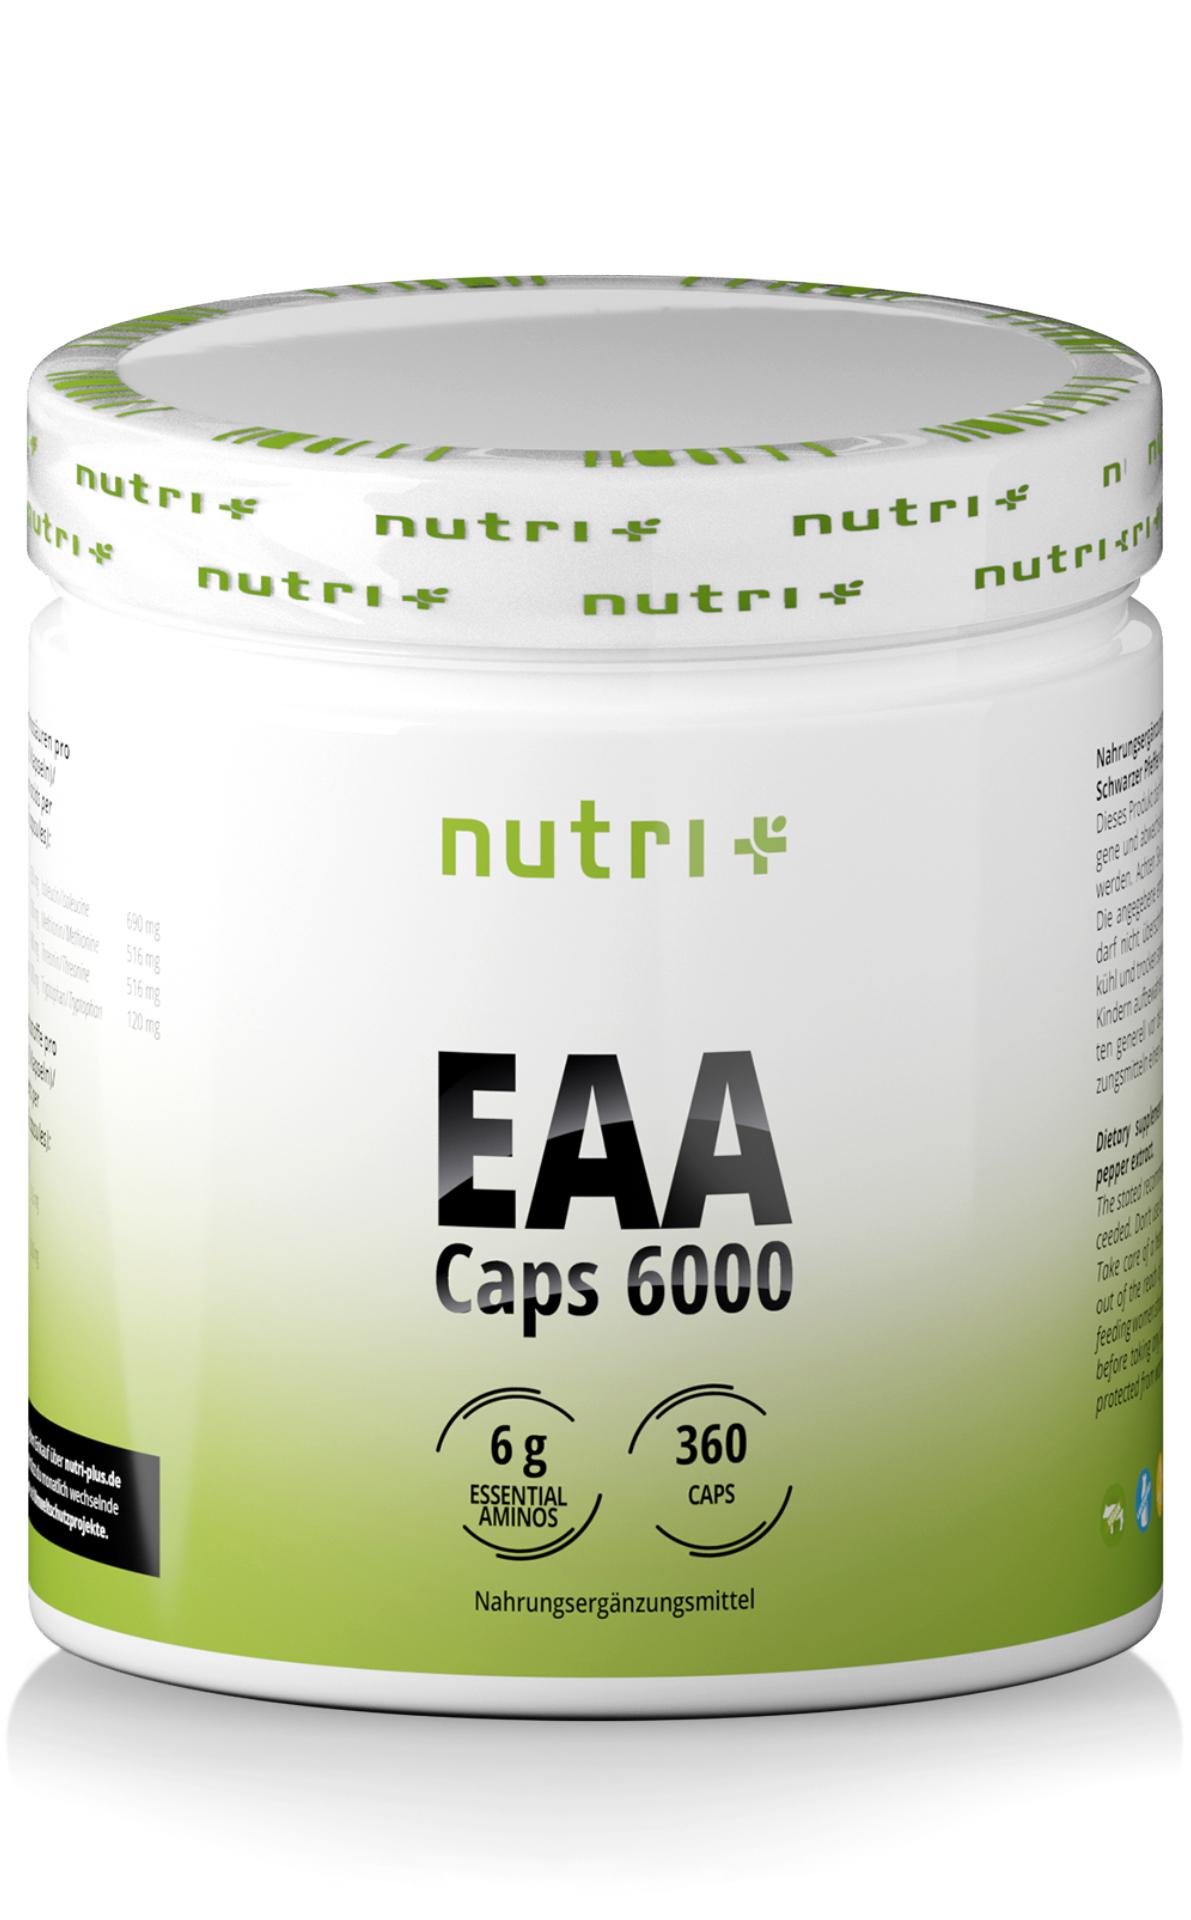 nutri+ EAA Kapseln